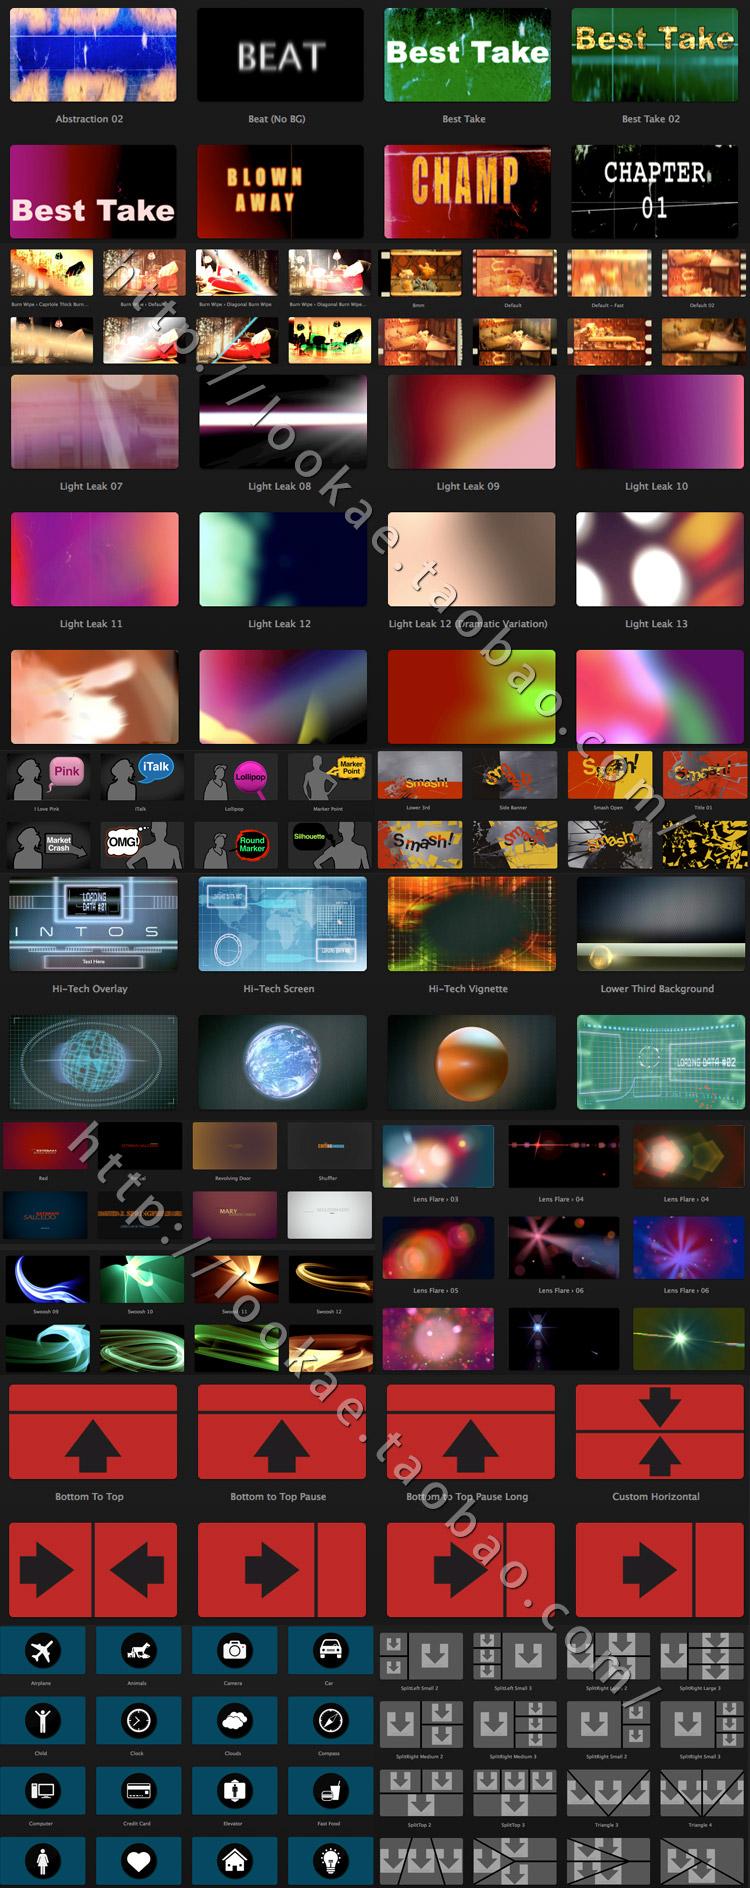 最新完整版:超强视觉特效插件包 FxFactory Pro 5.0.7(苹果系统使用) FCPX 插件-第5张